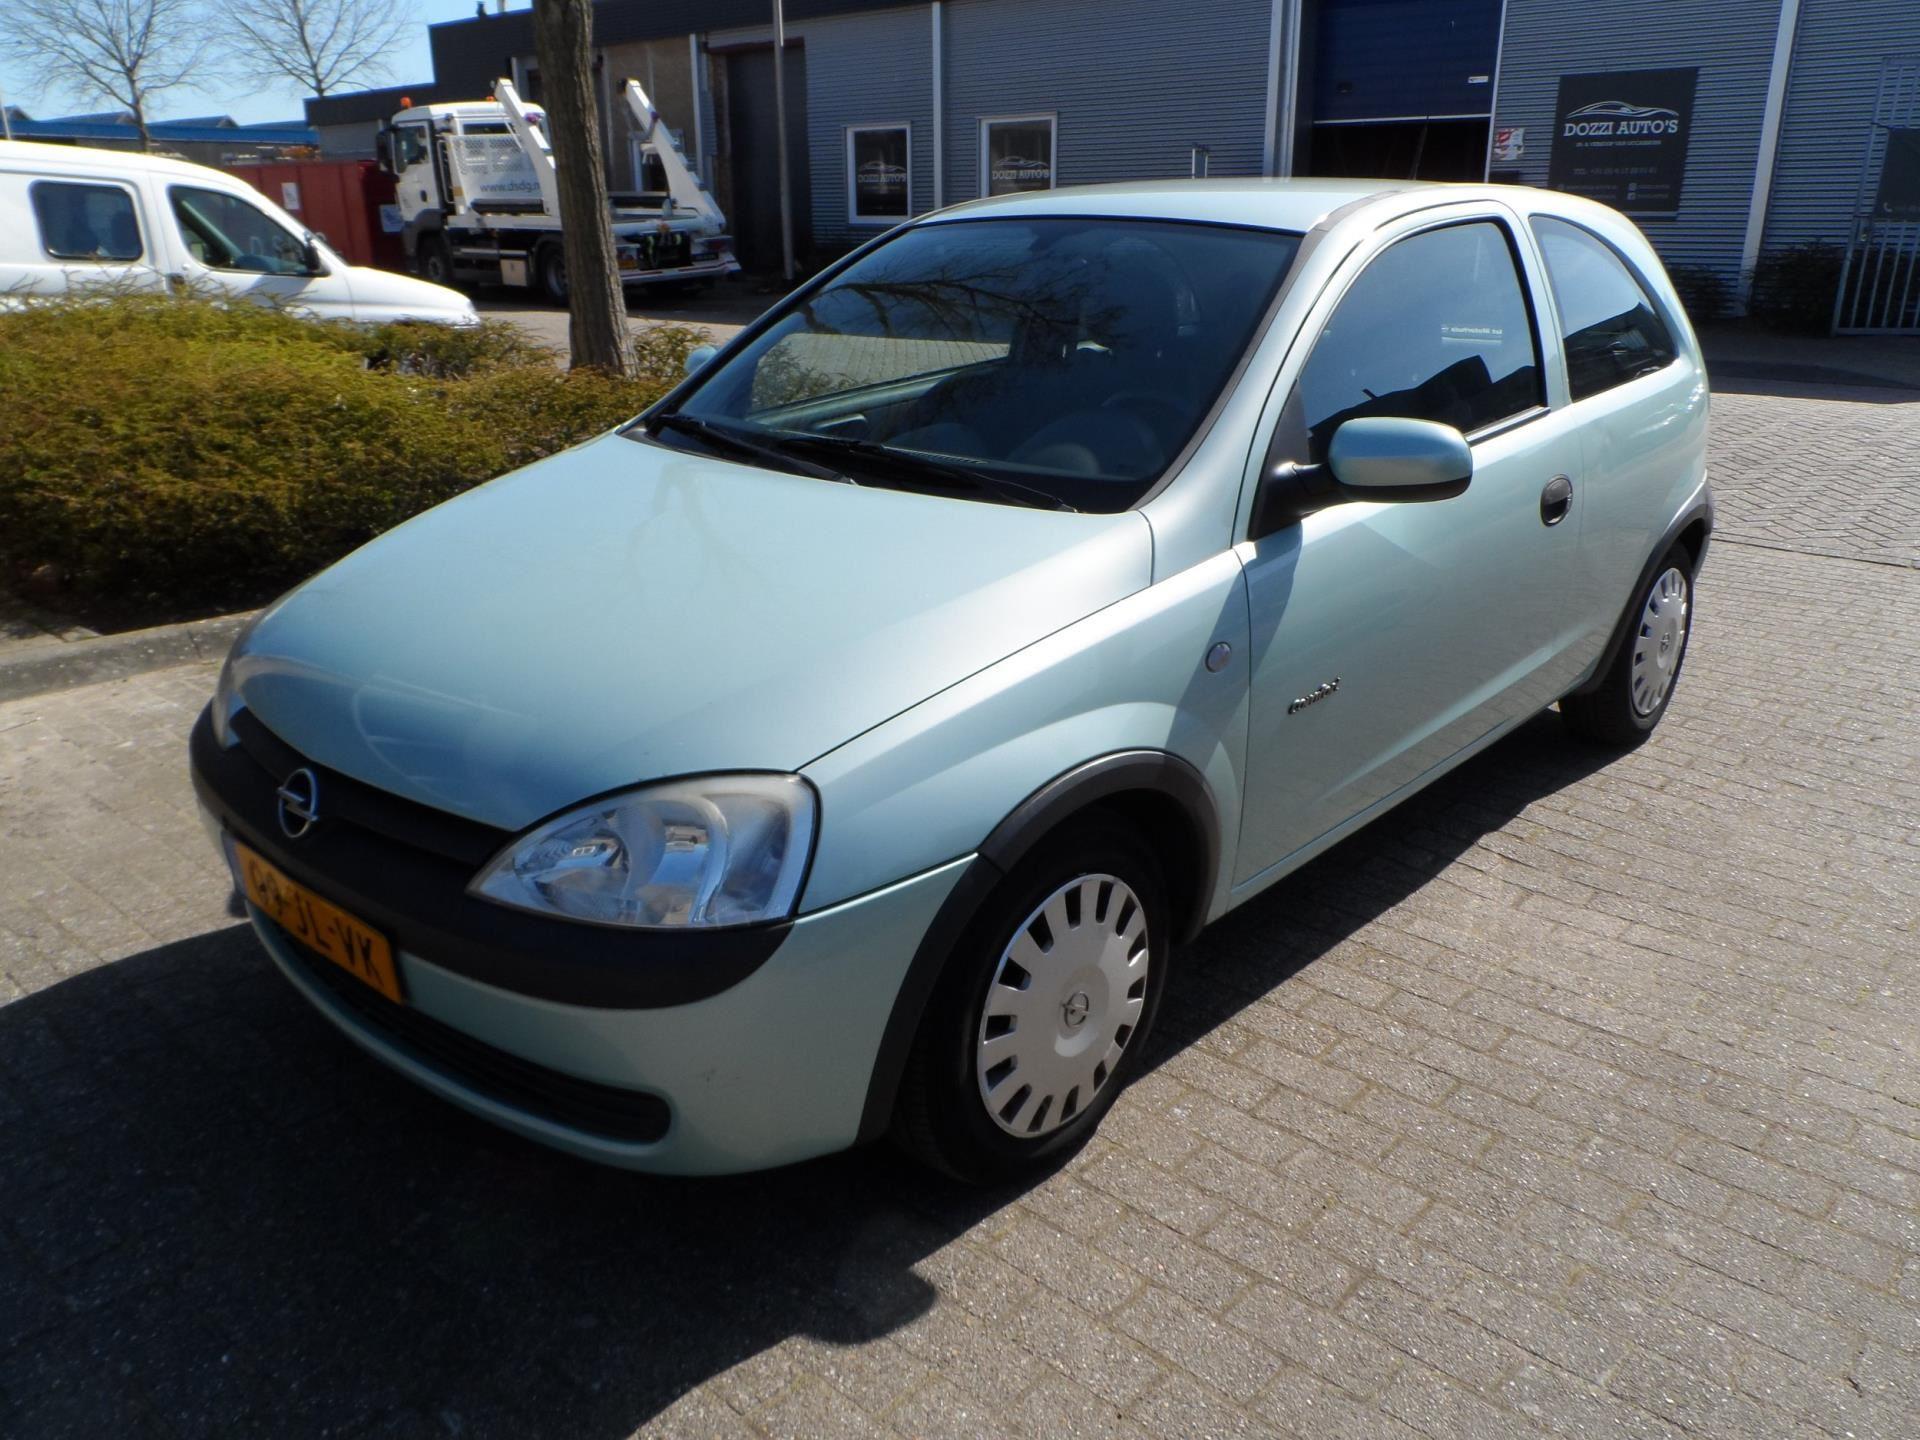 Opel Corsa occasion - Dozzi Auto's